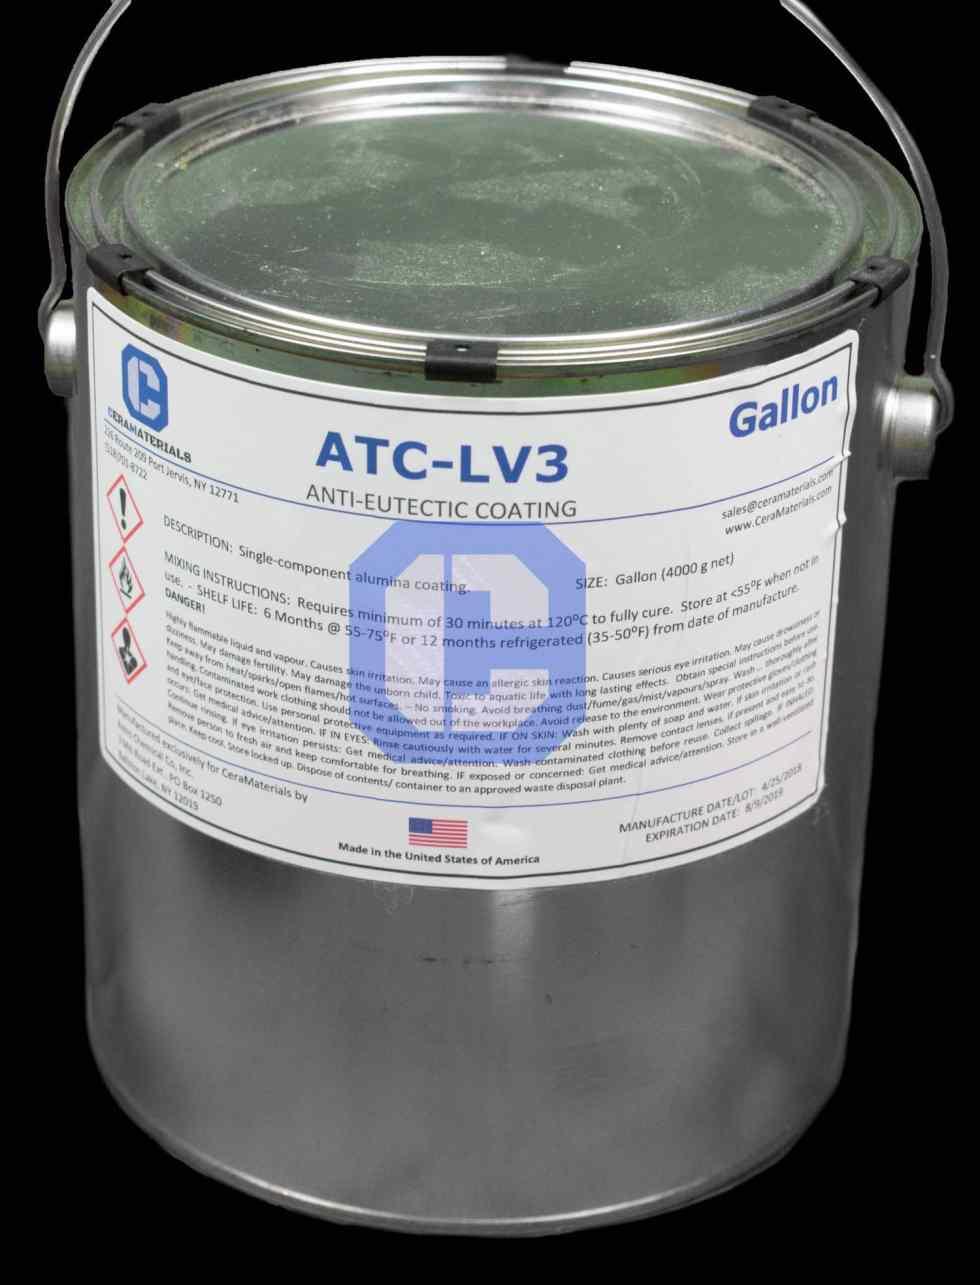 ATC-LV3 from CeraMaterials